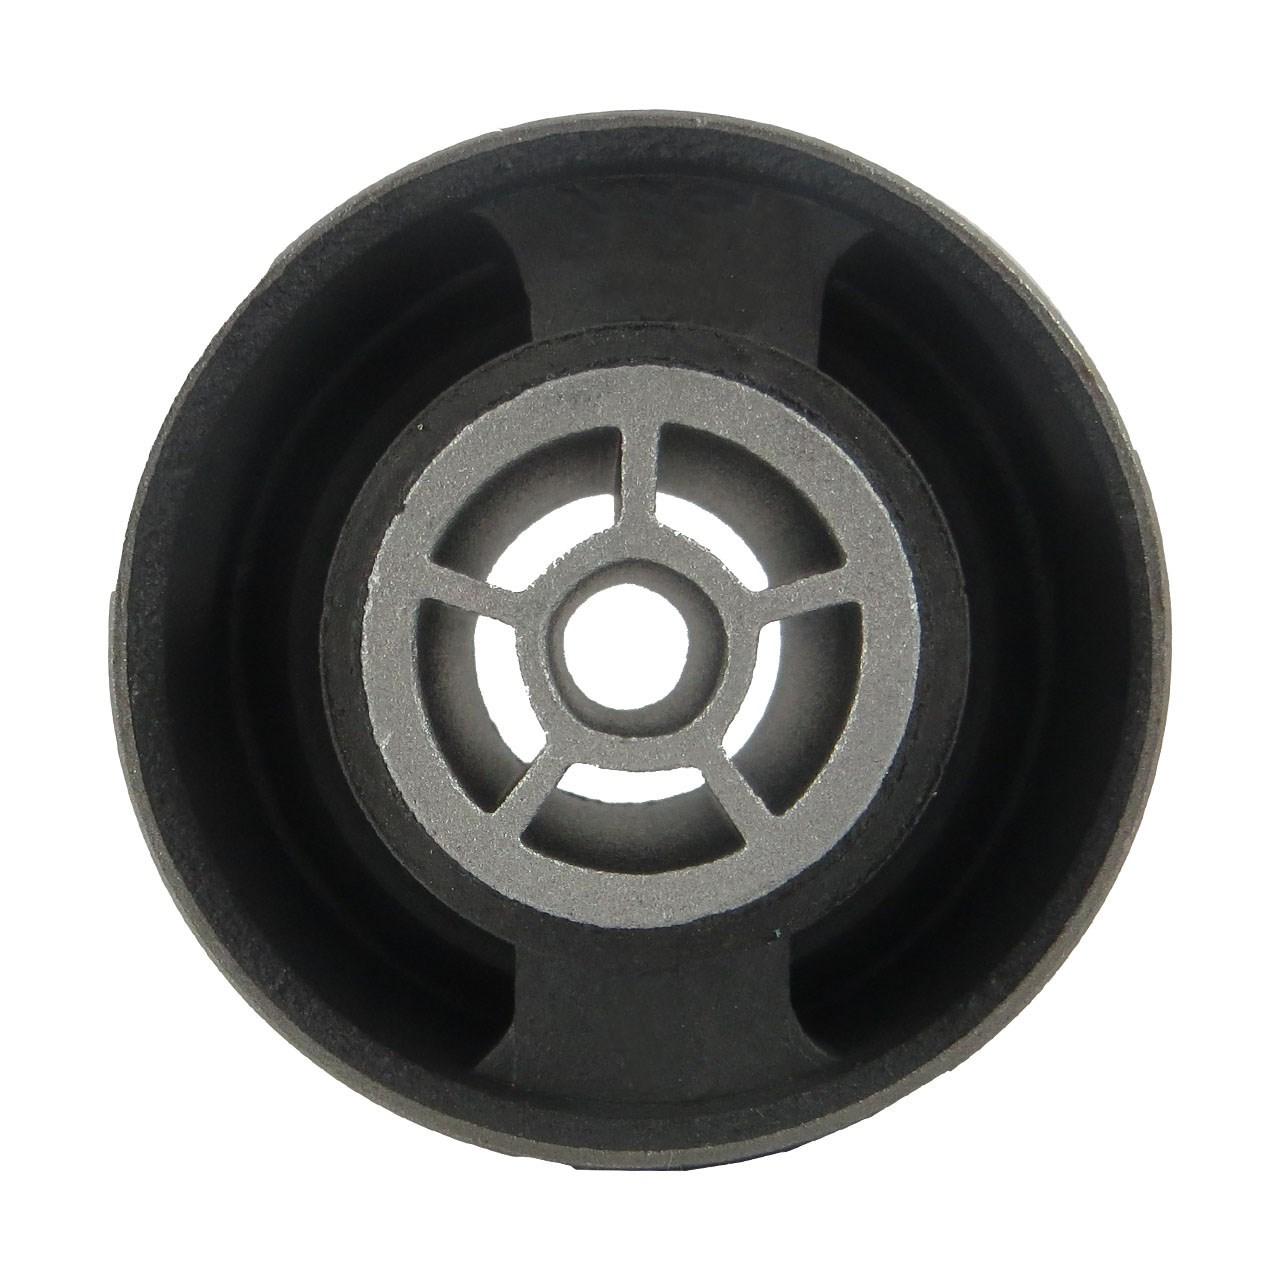 دسته موتور شبستری مدل SSTU015 مناسب برای پژو 206